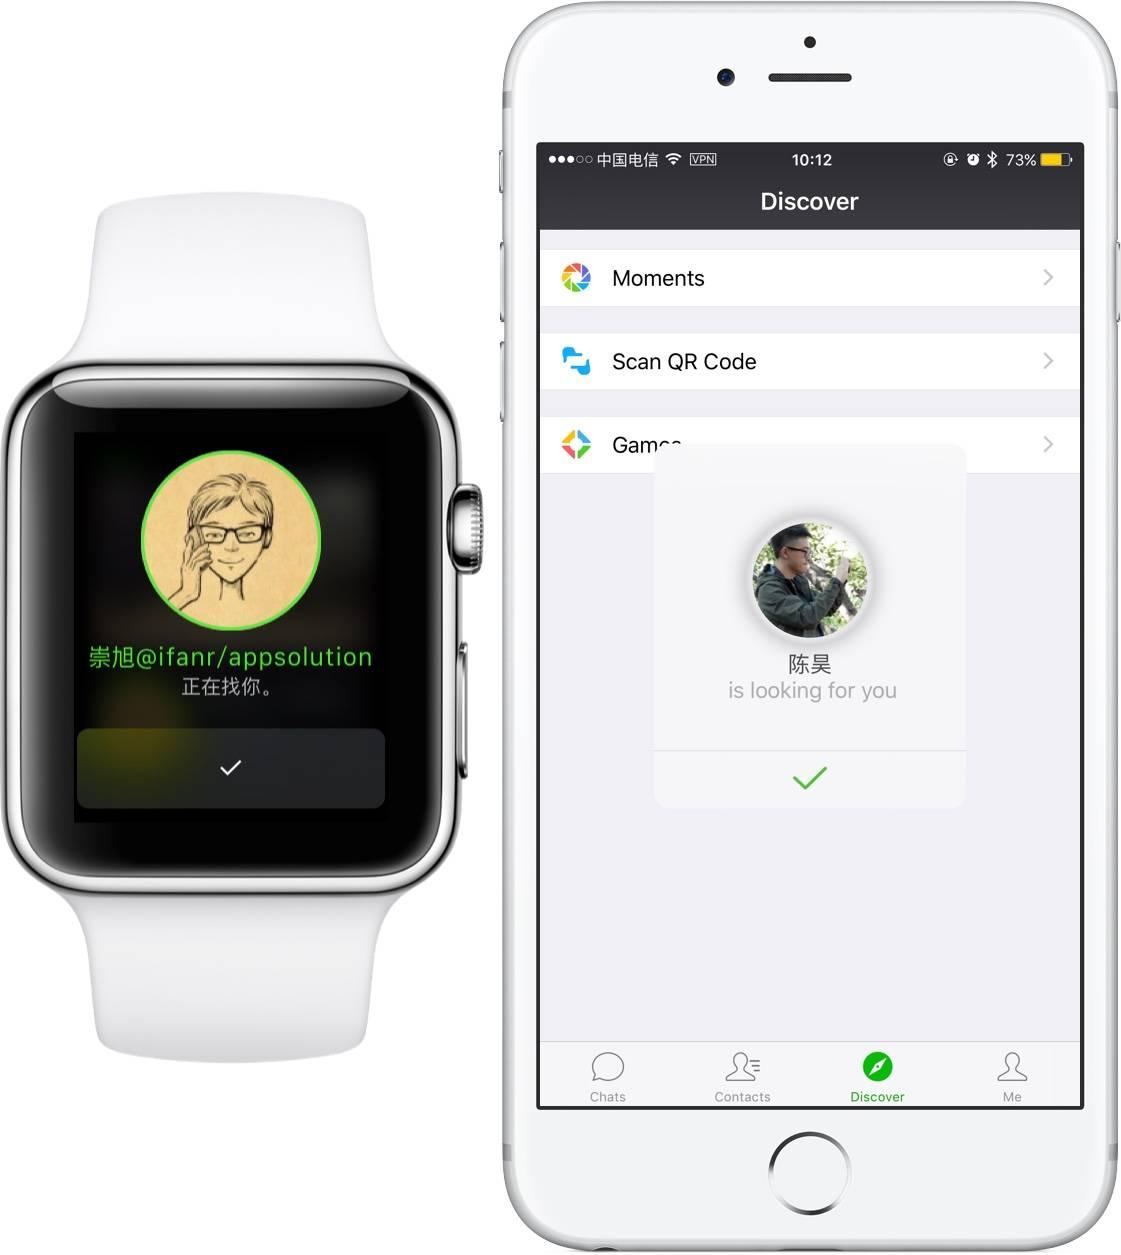 微信第三方应用_[首发] 新版微信评测:Apple Watch 上最好的第三方应用 | 爱范儿